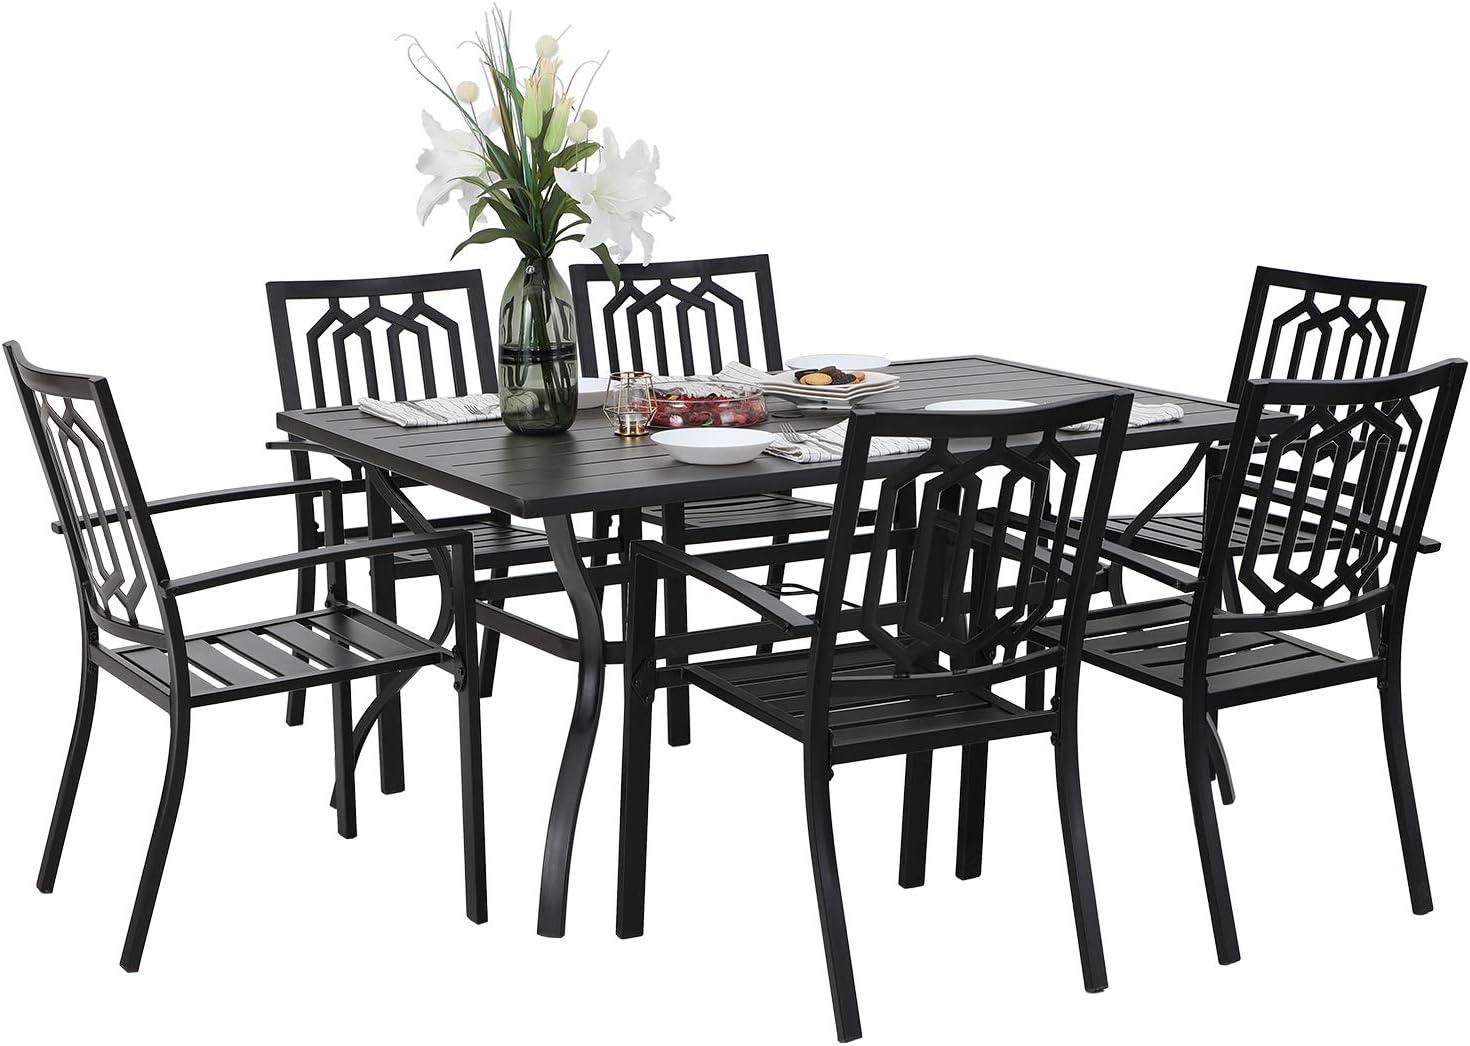 PHI VILLA 7 Piece Metal Outdoor Patio Dining Bistro Sets with Umbrella Hole - 60